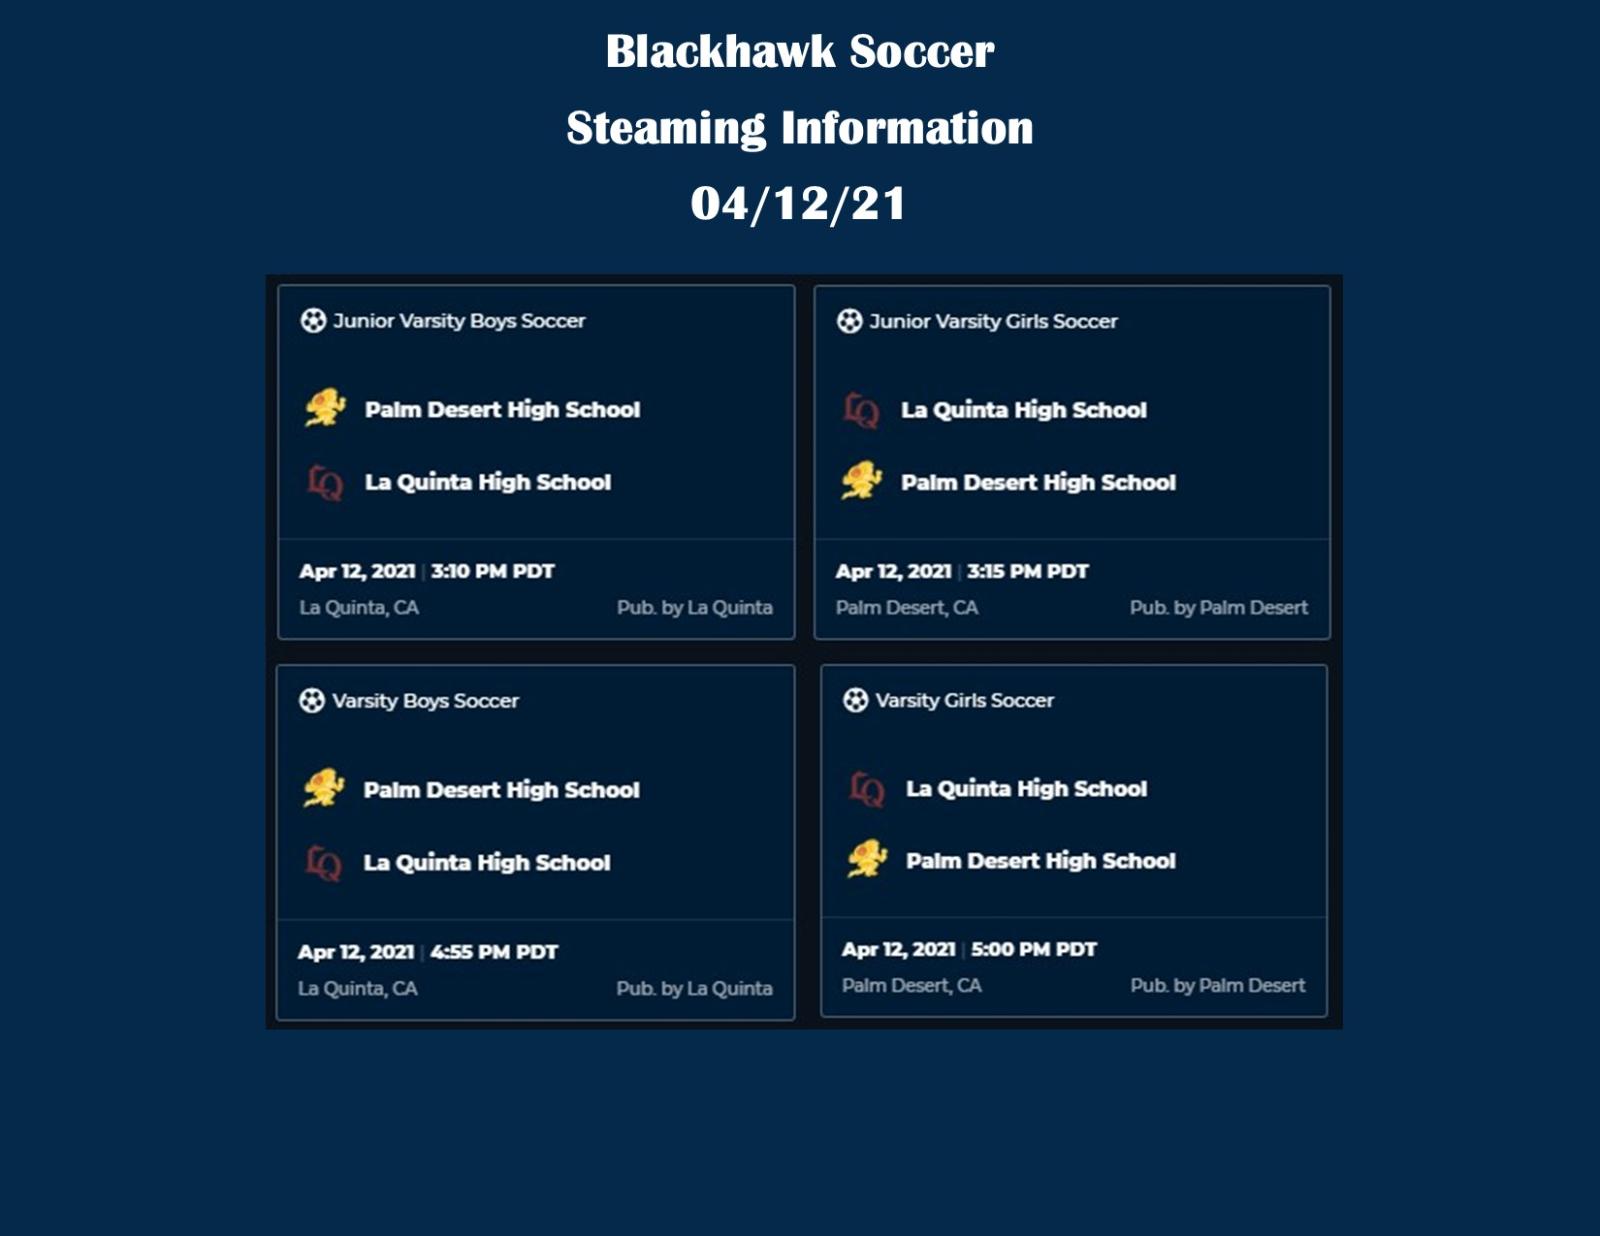 Live Streaming available for Boys & Girls Soccer vs. Palm Desert on Monday, 4/12/21